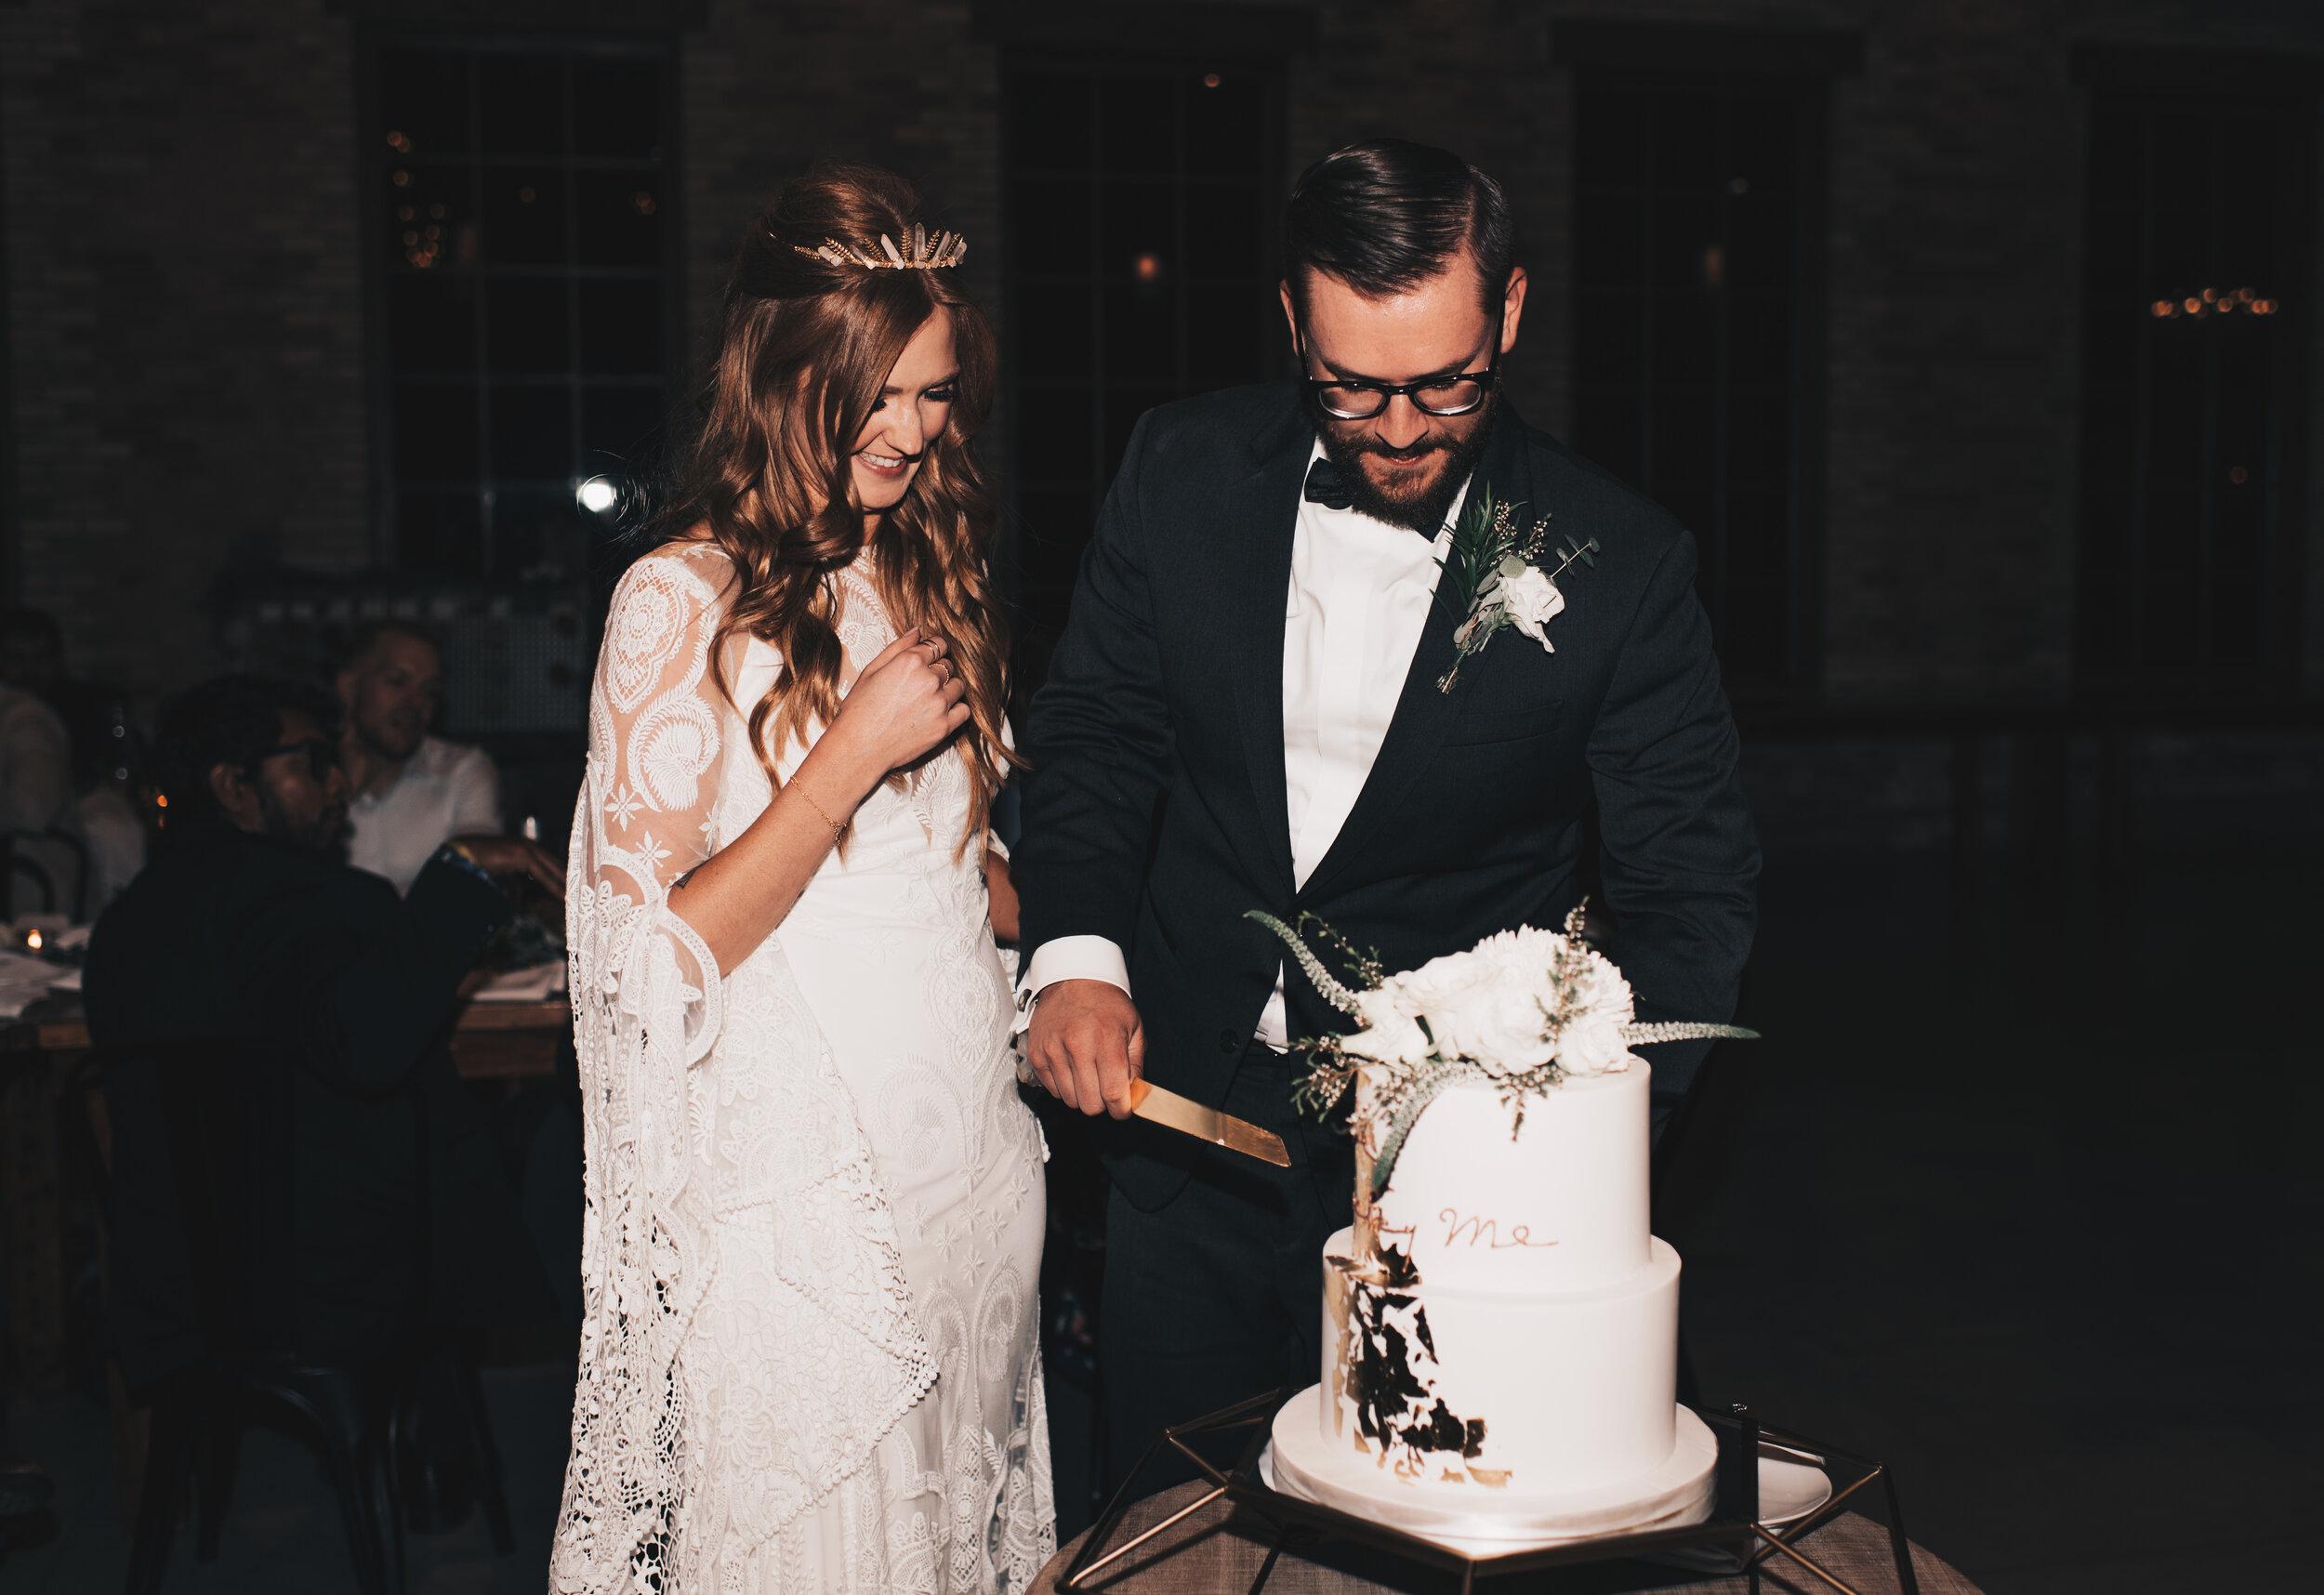 Modern Industrial Wedding, The Brix on the Fox, The BRIX, Chicago Industrial Wedding, Modern Midwest Wedding, The Brix on the Fox Wedding, The BRIX Wedding, Cutting Wedding Cake Photos